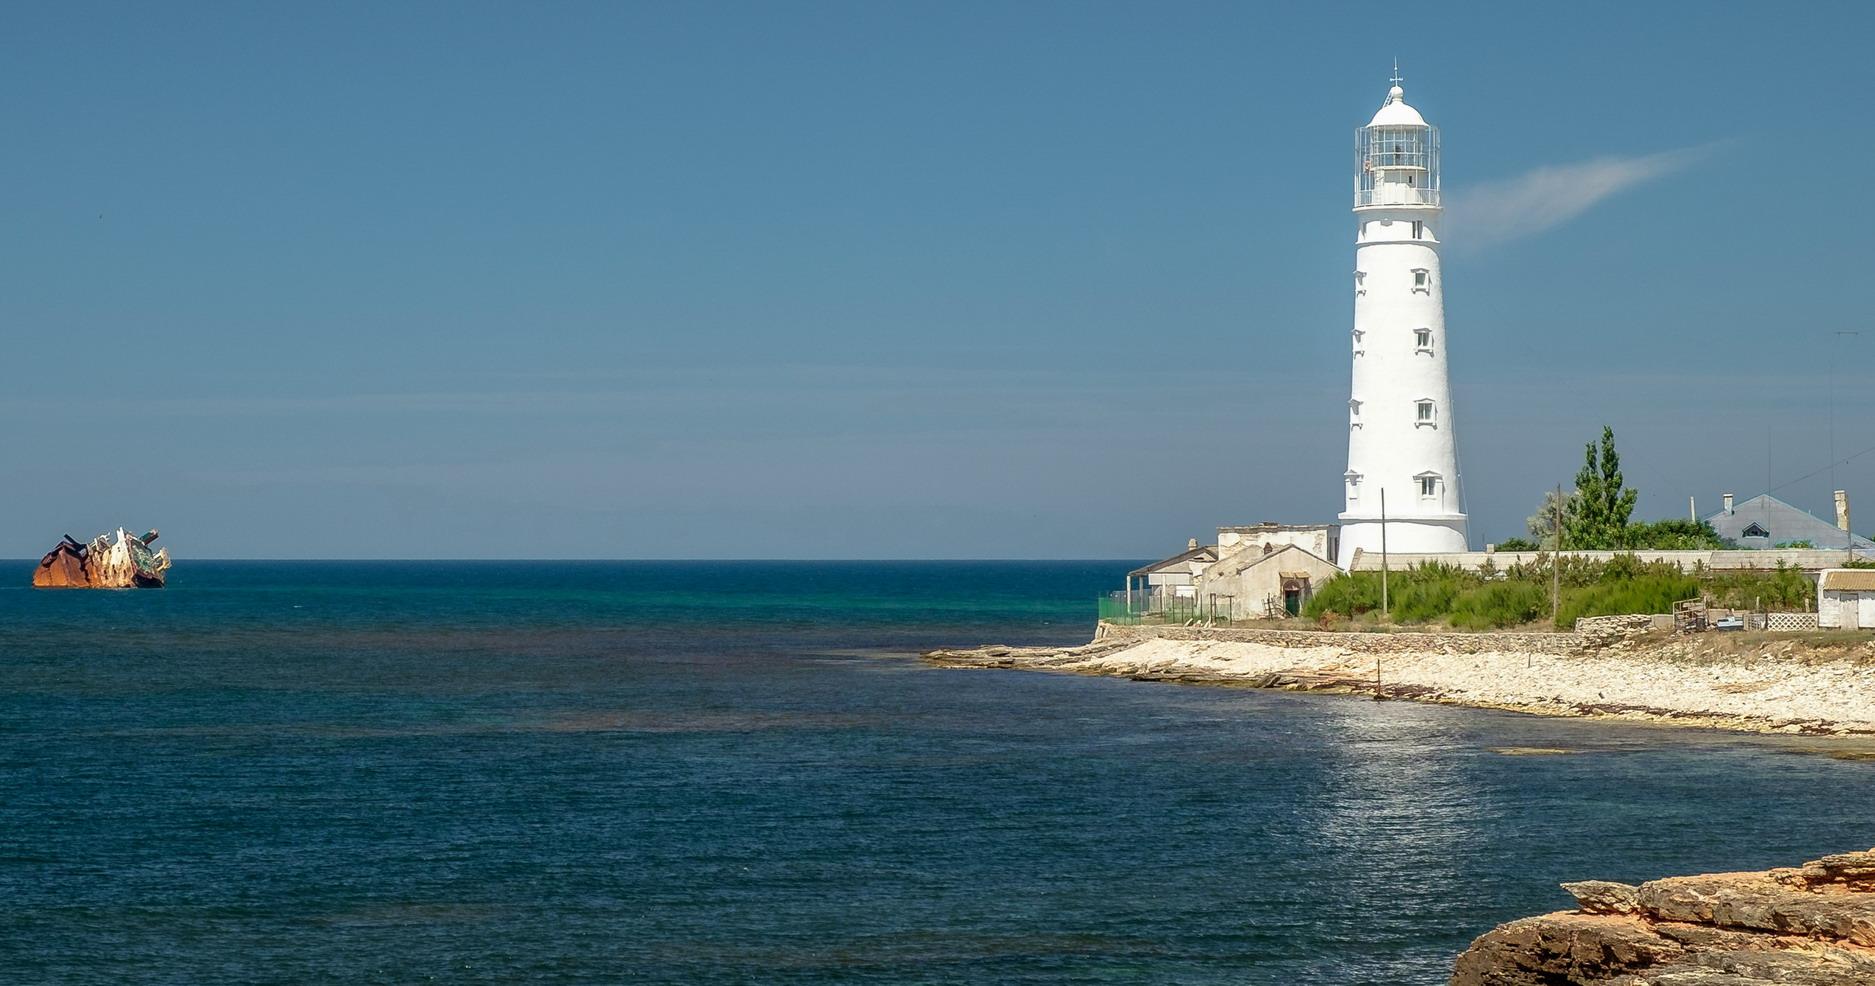 Обзор поселка Оленевка (Крым). Пляжи. Жилье. Достопримечательности